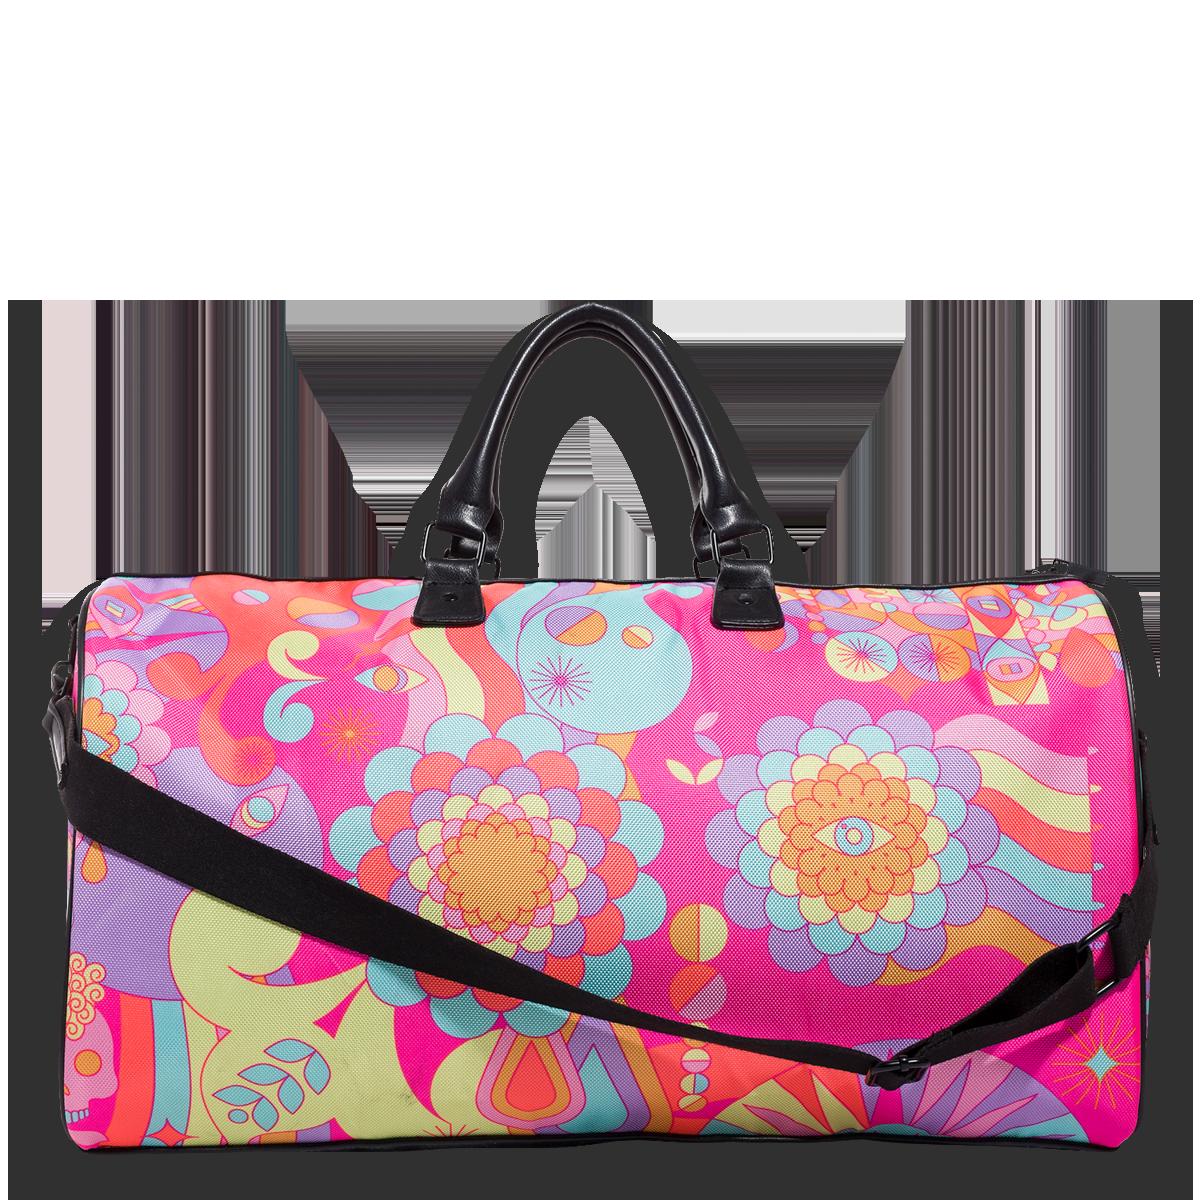 Duffle Bag In 2021 Bags Duffle Bag Workout Bags